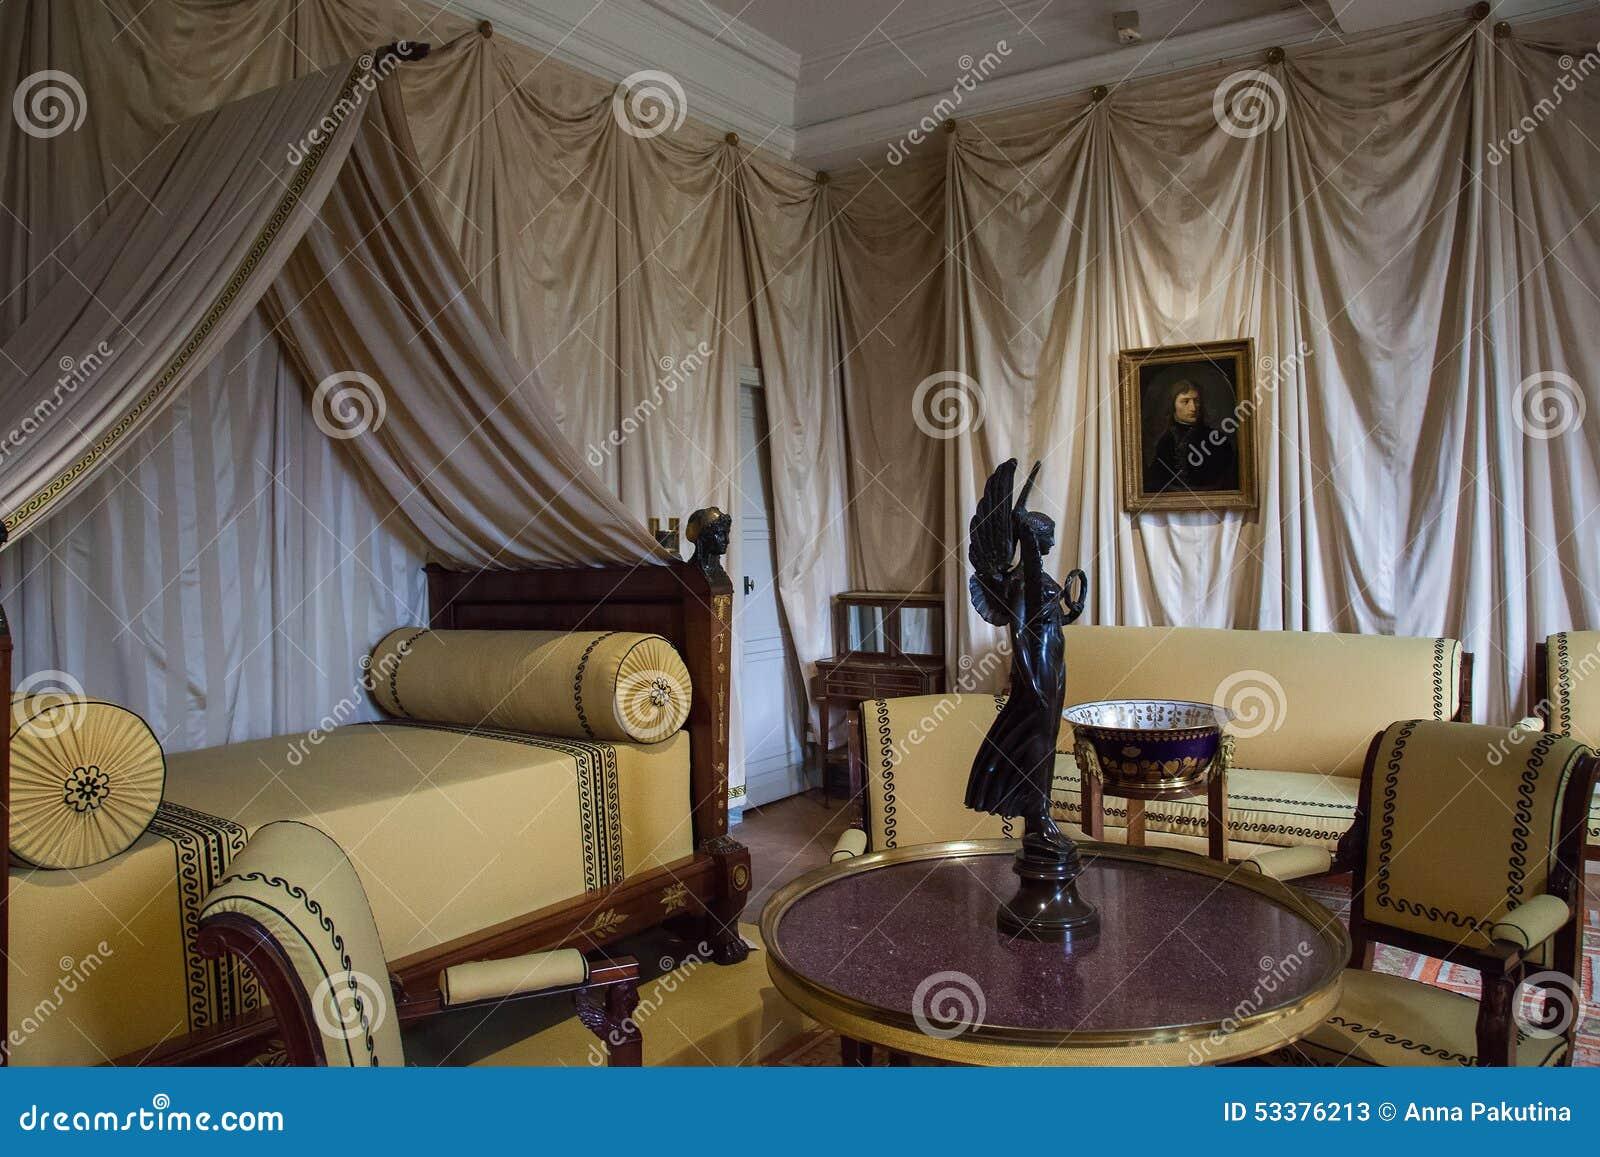 Int rieur de chateau de malmaison france photo stock for France interieur